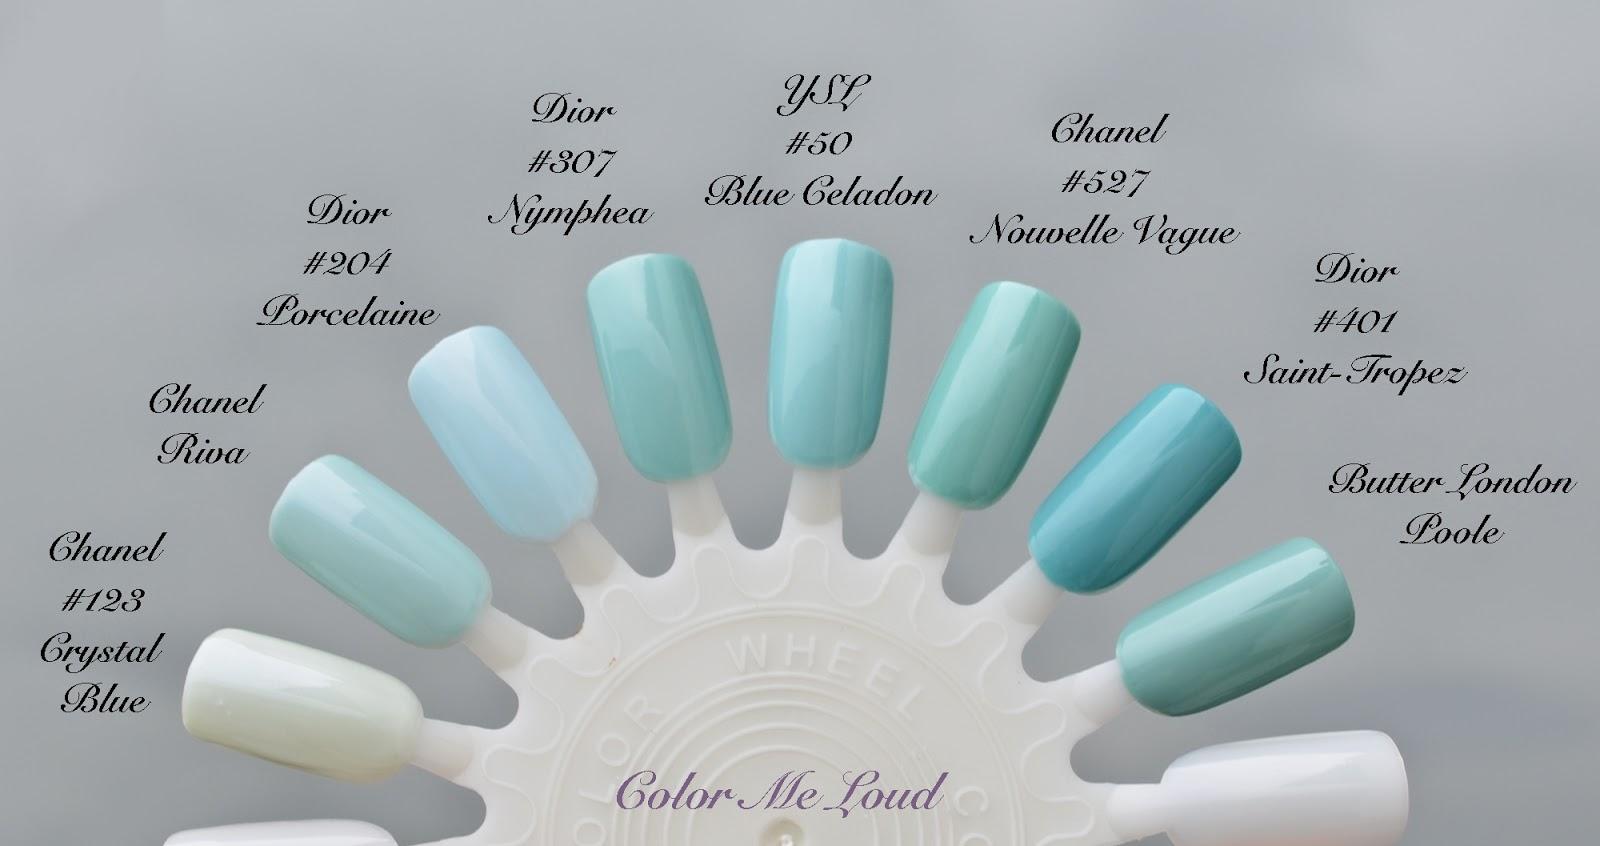 yves saint laurent la laque couture 50 bleu celadon 51. Black Bedroom Furniture Sets. Home Design Ideas